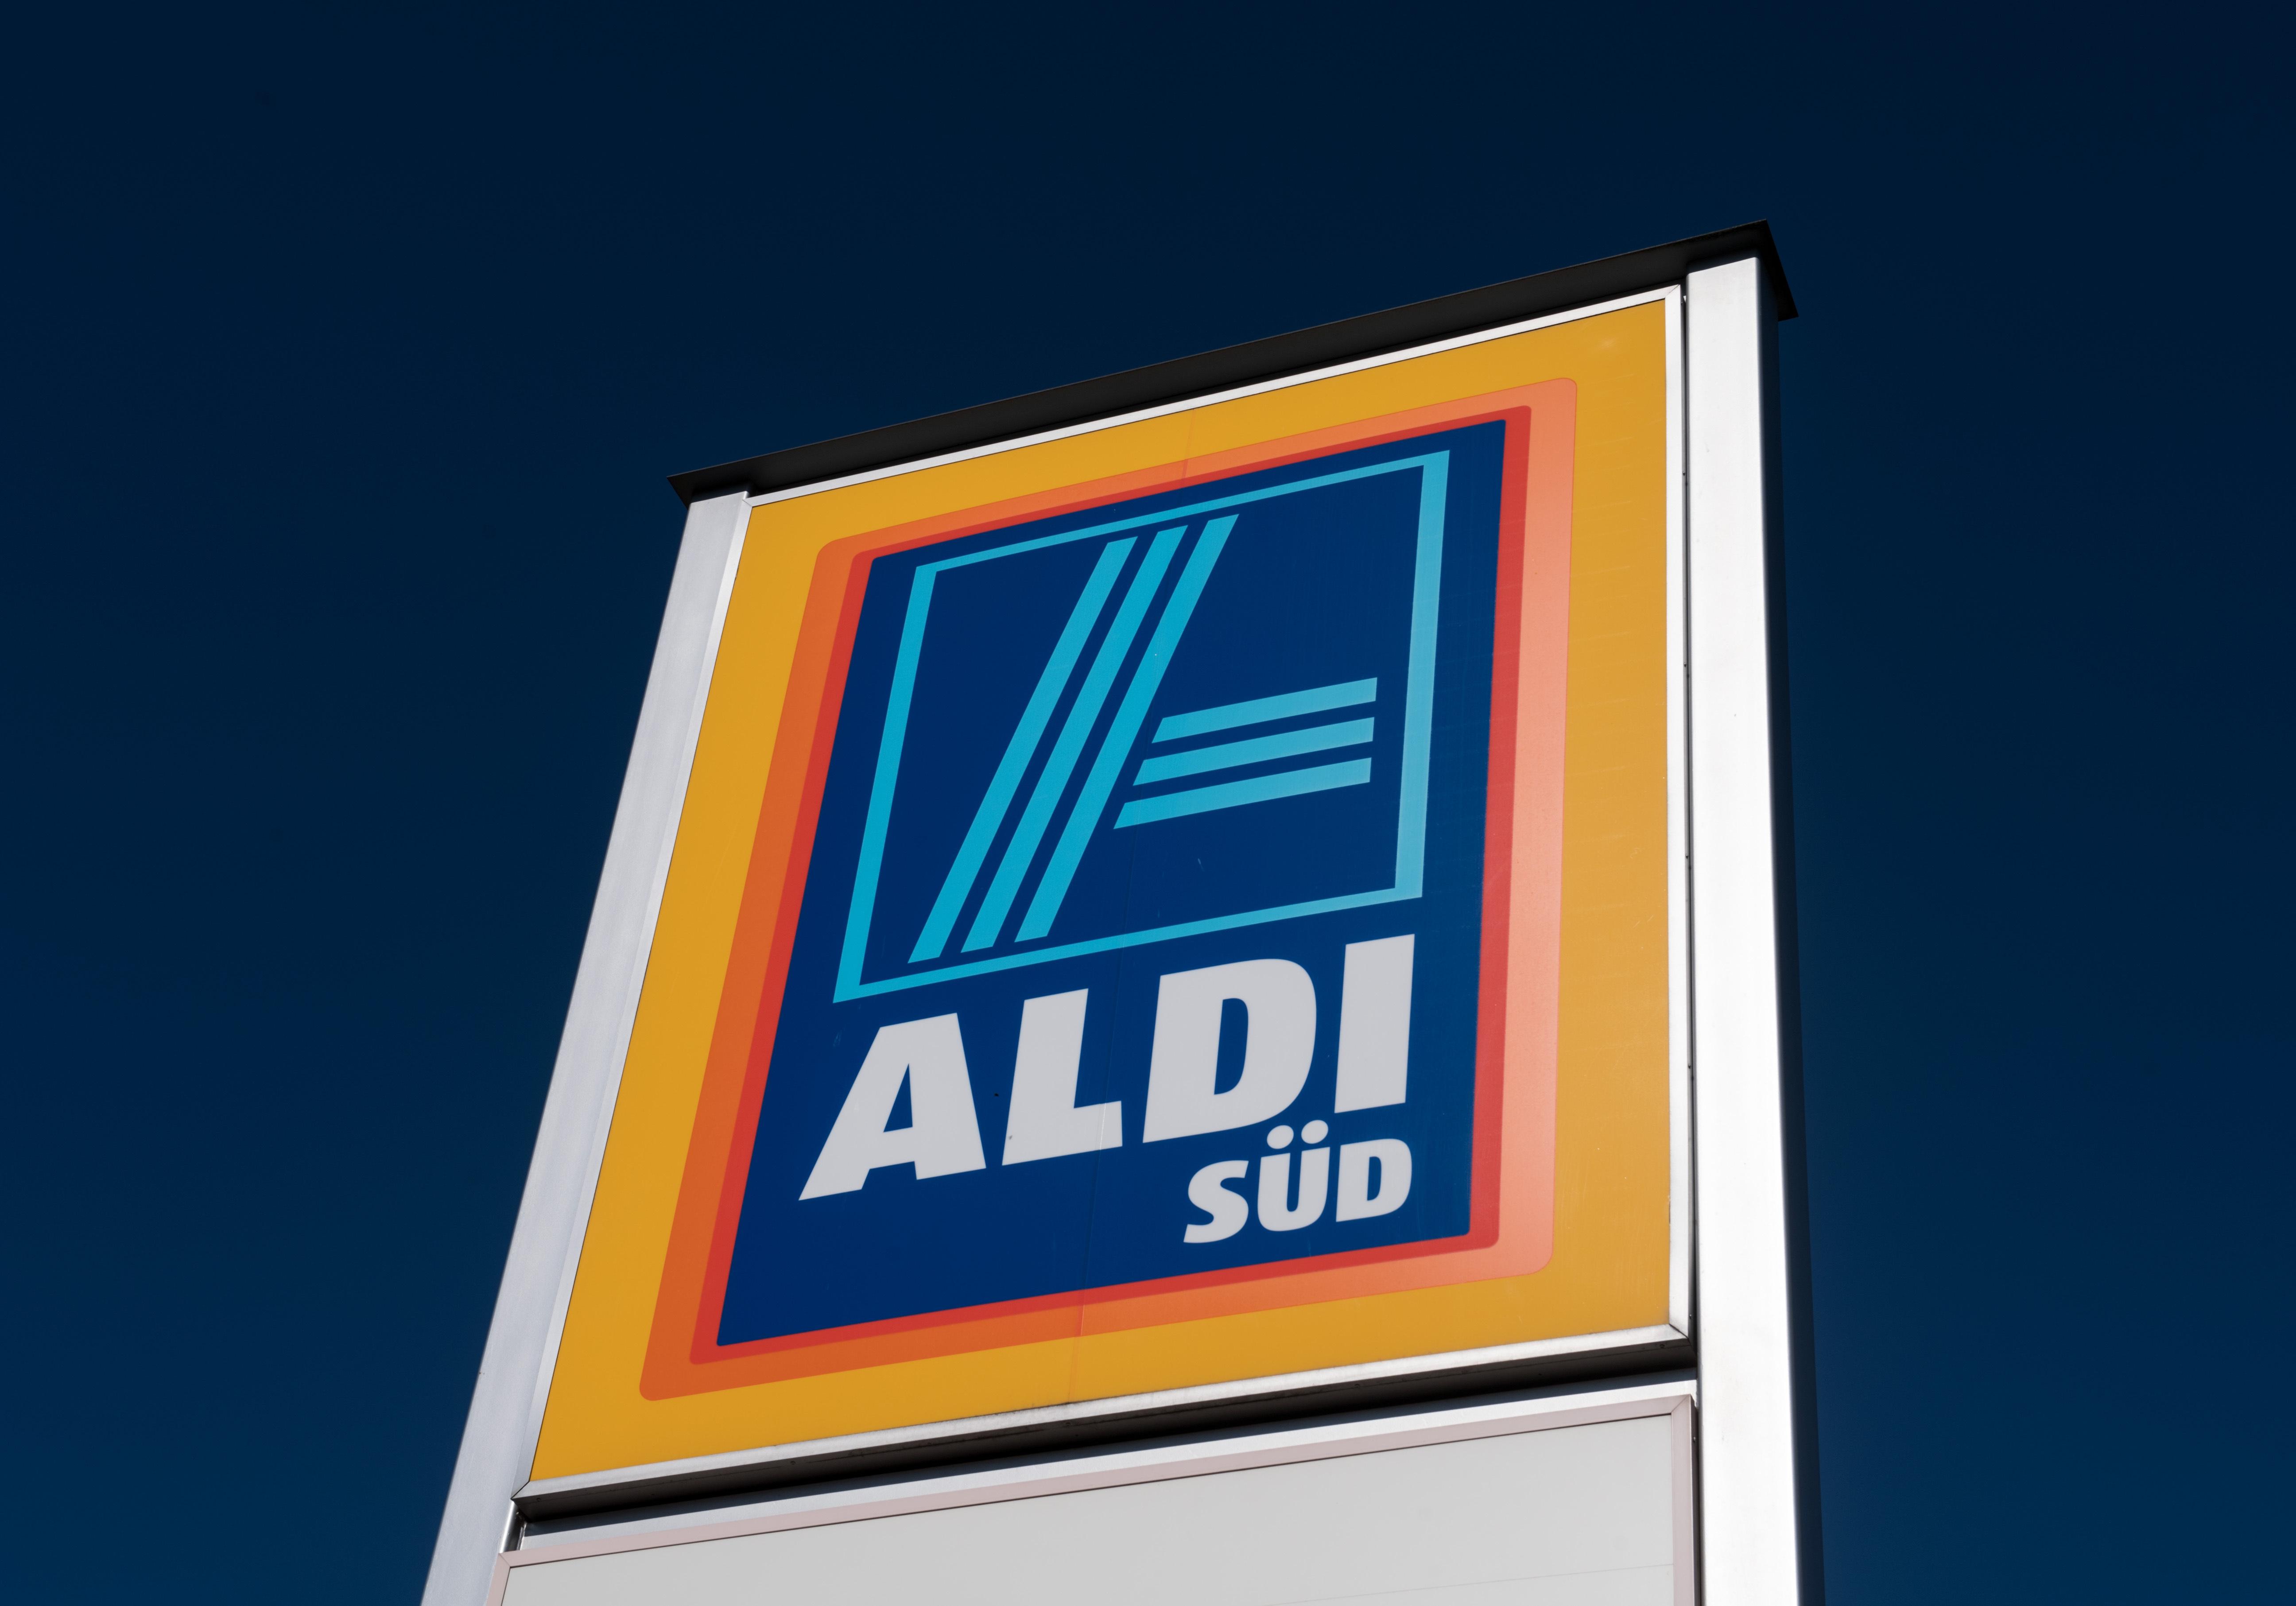 Aldi Supermarket store